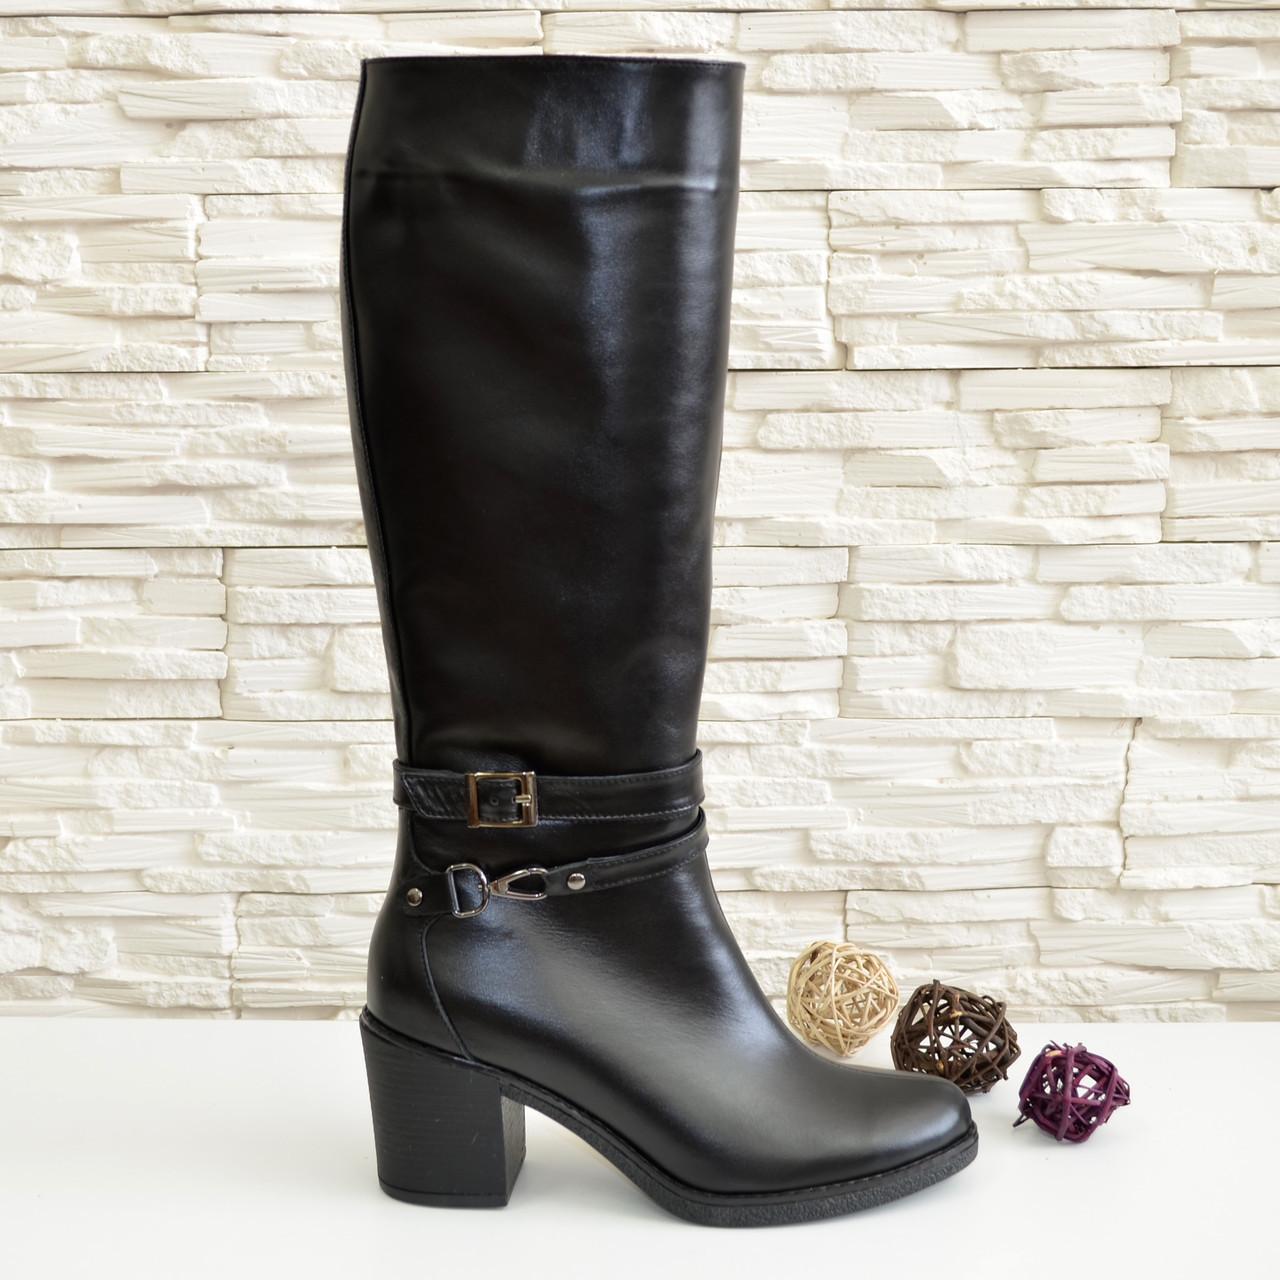 42acd1993 Женские зимние черные кожаные сапоги на устойчивом каблуке, 37 размер, ...